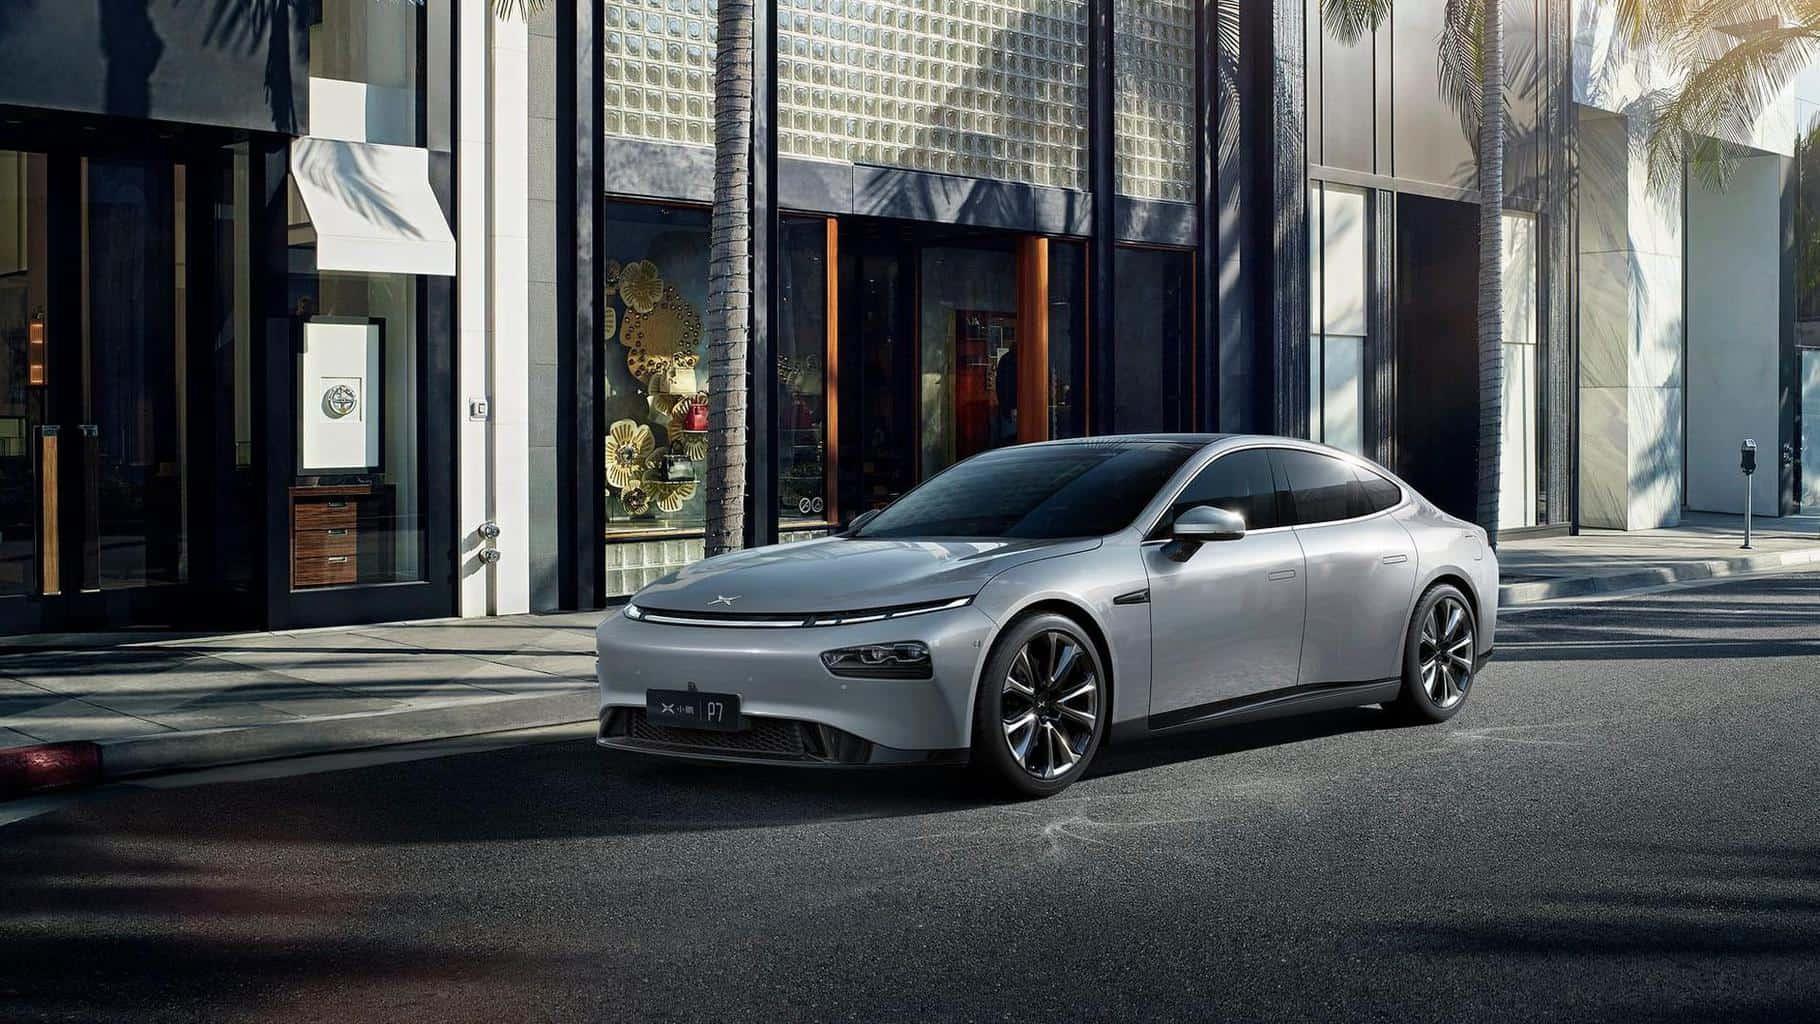 E-Auto-Start-up Xpeng steigert Umsatz und Börsenwert deutlich